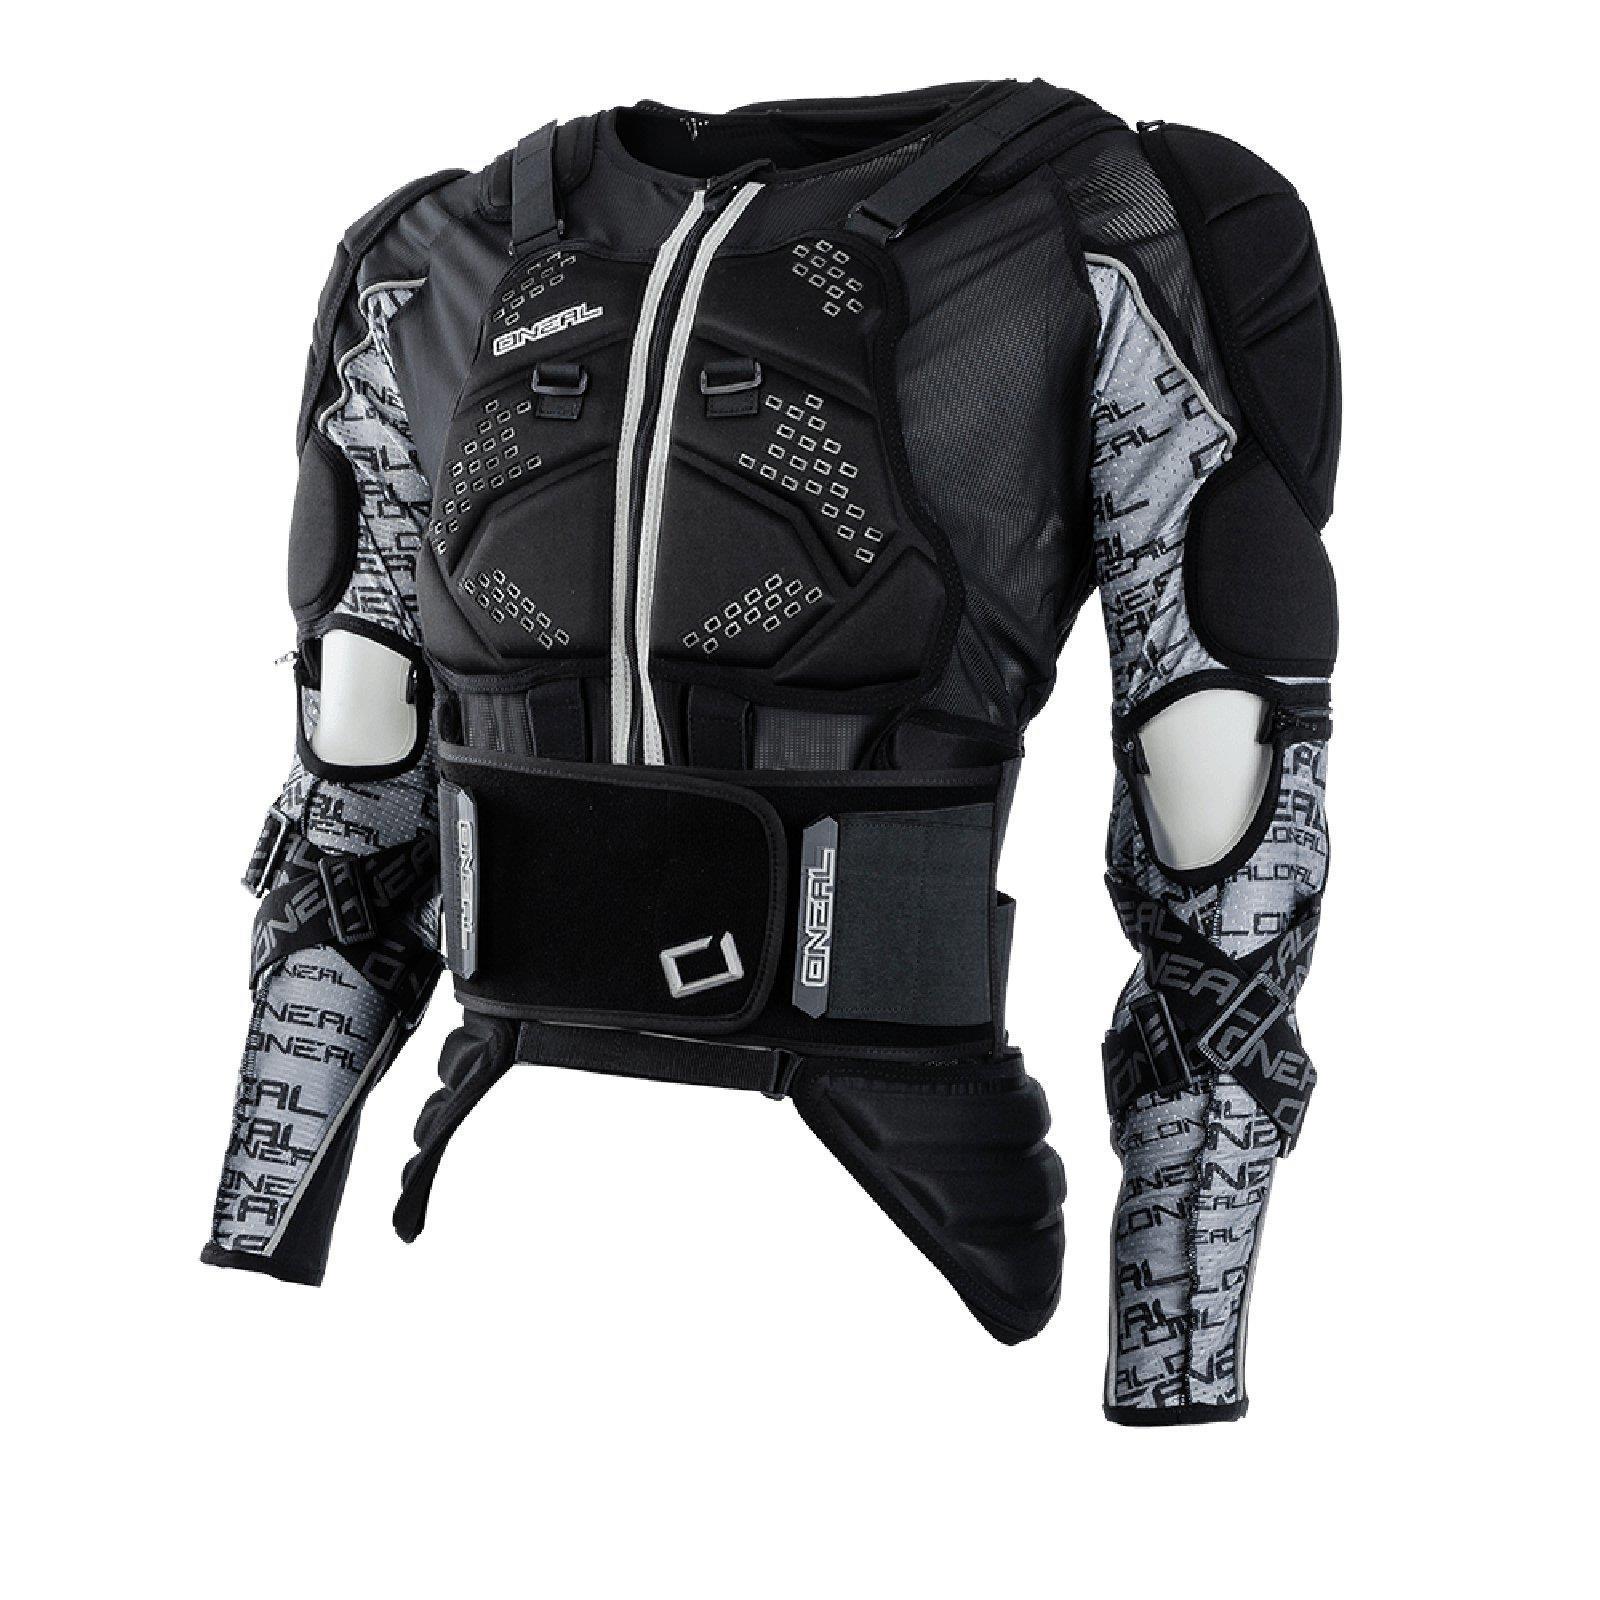 Oneal-protectores-chaqueta-pecho-tanques-chaqueta-moto-cross-FR-DH-proteccion-chaleco-MX-MTB miniatura 18